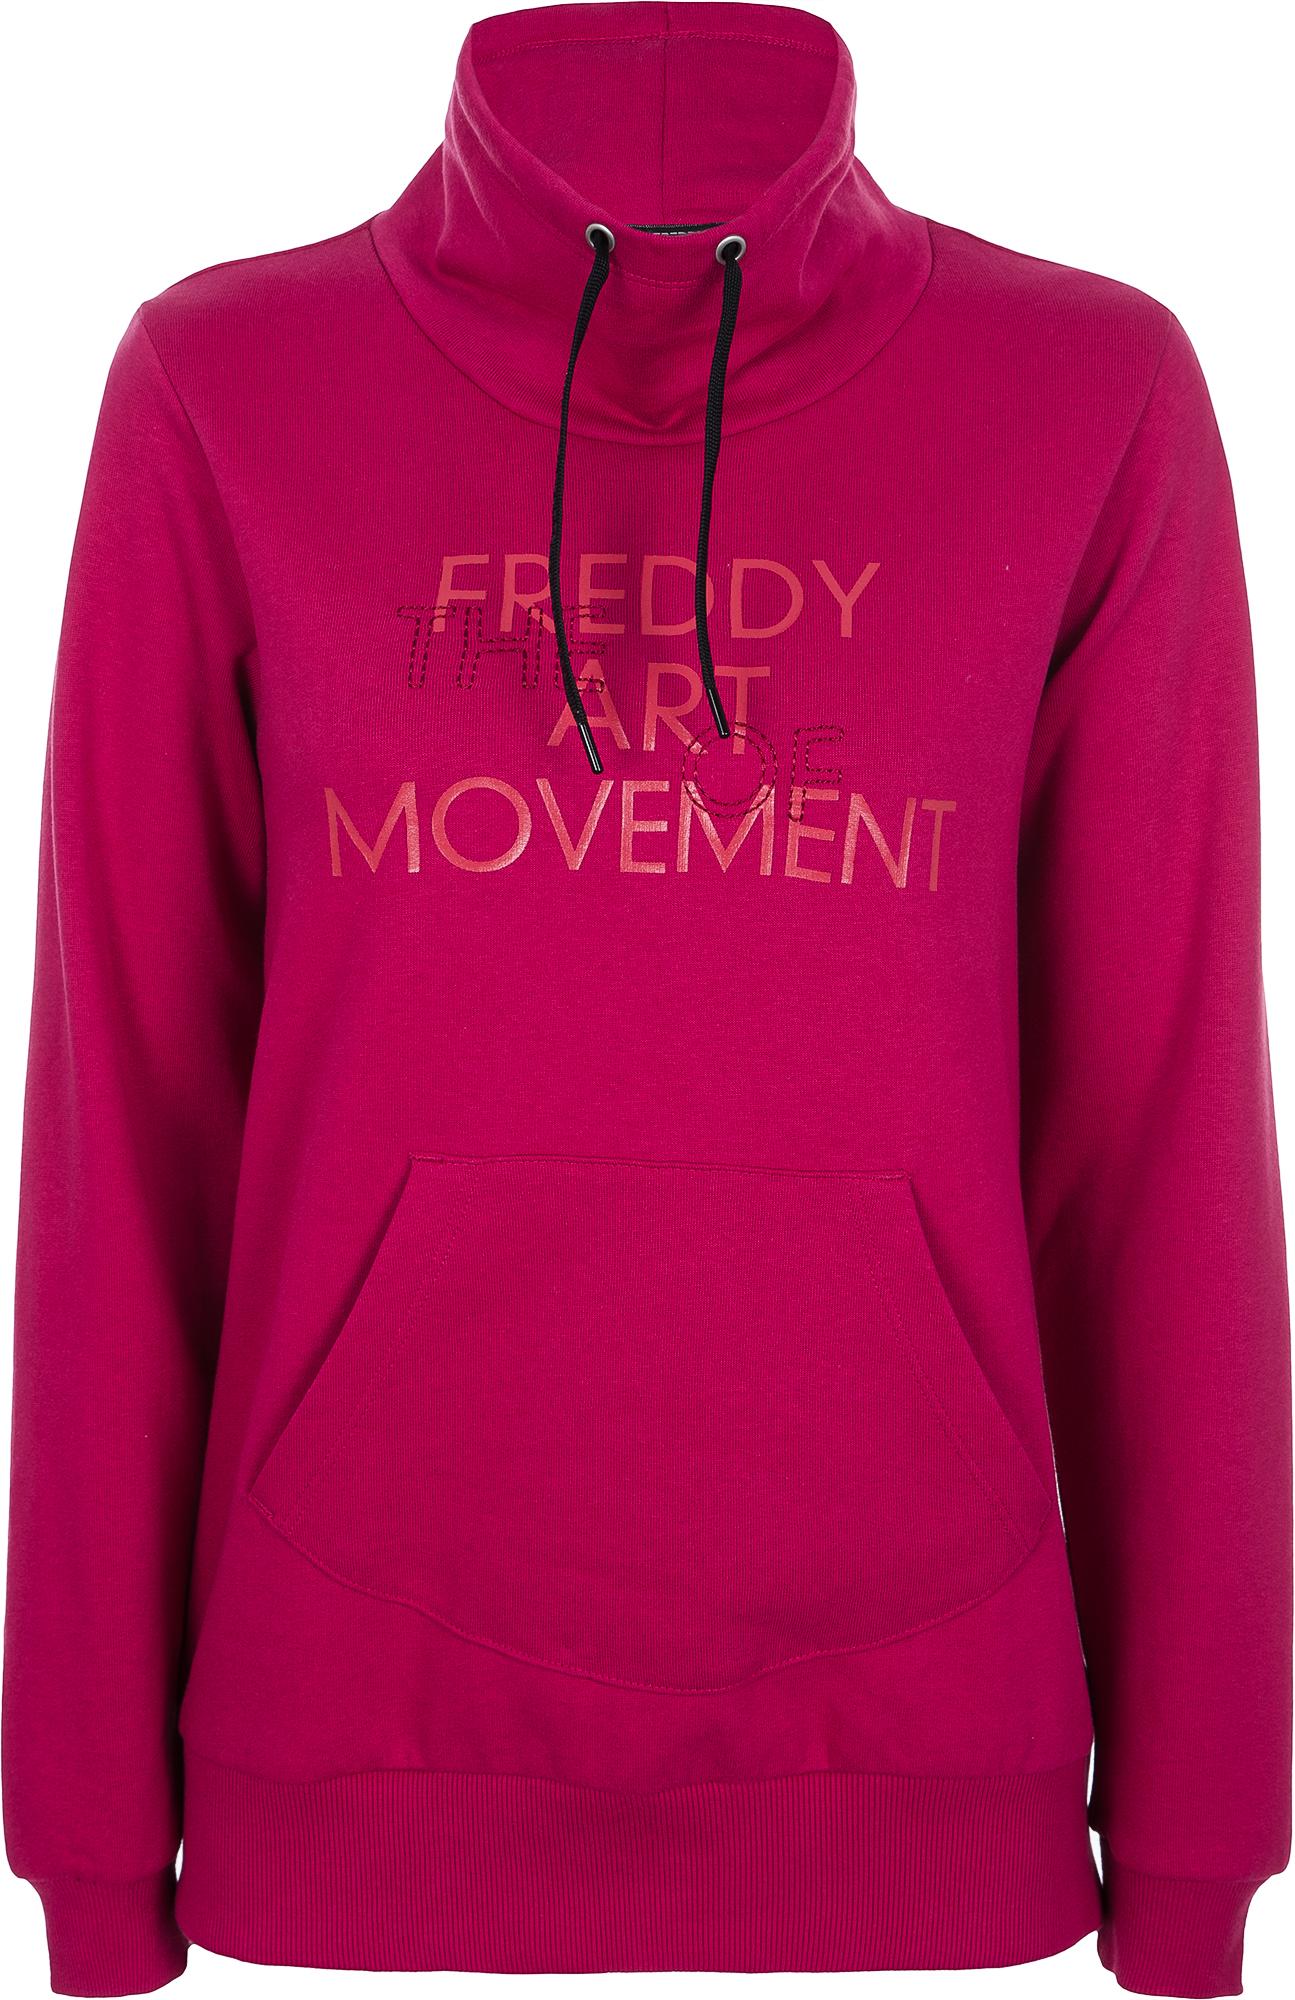 Freddy Худи женская Freddy, размер 48-50